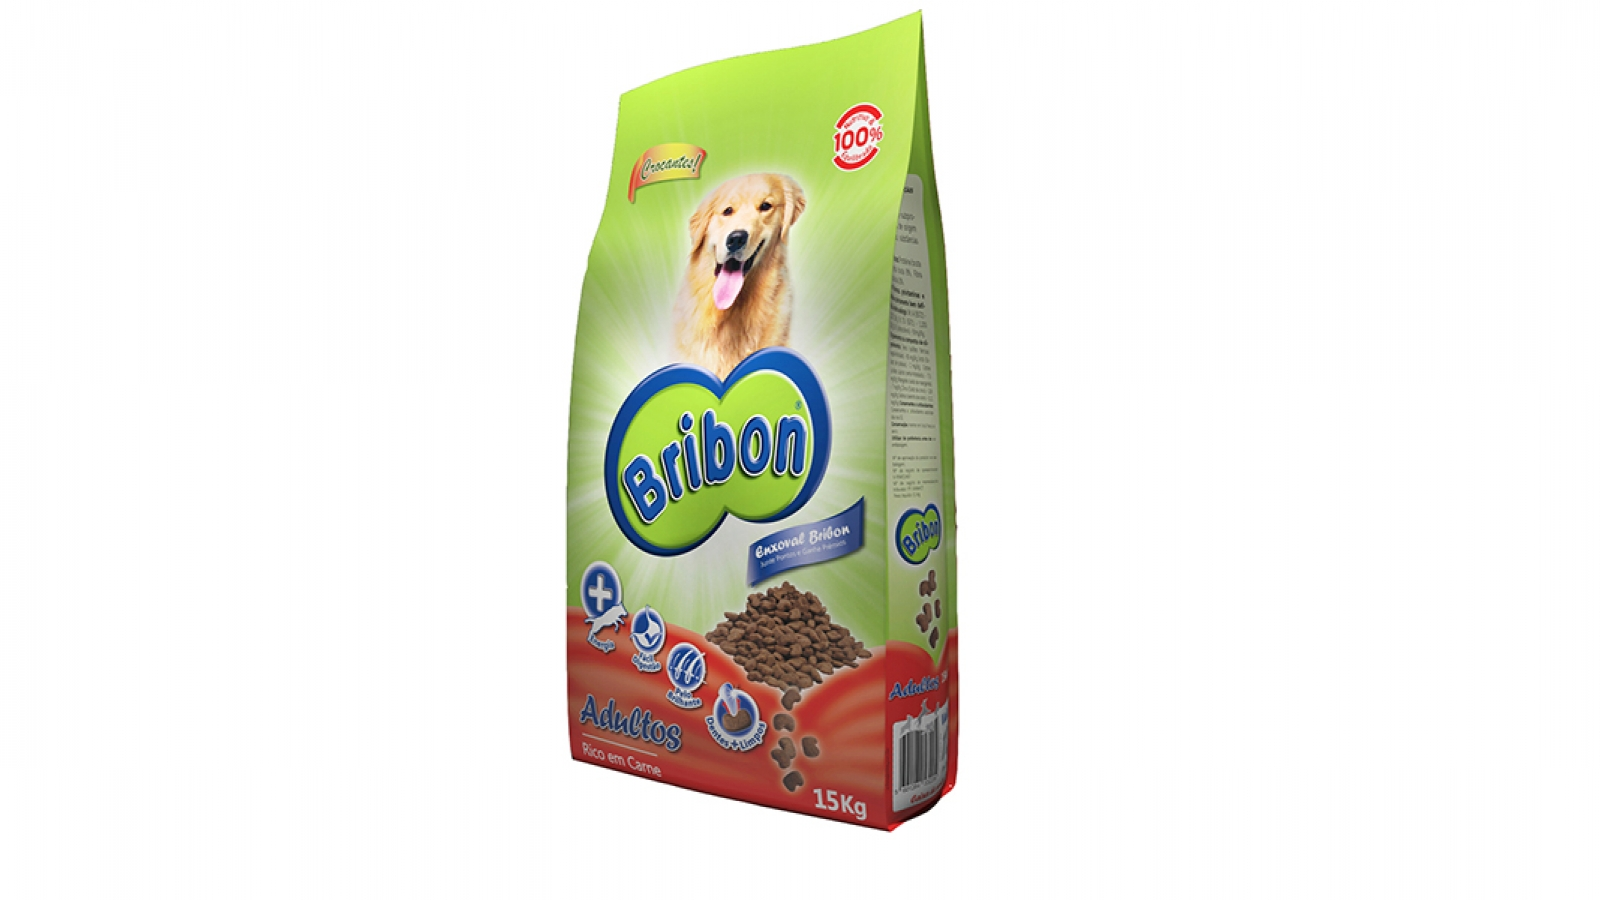 alimento bribon delicioso melhor ração seca cão adulto